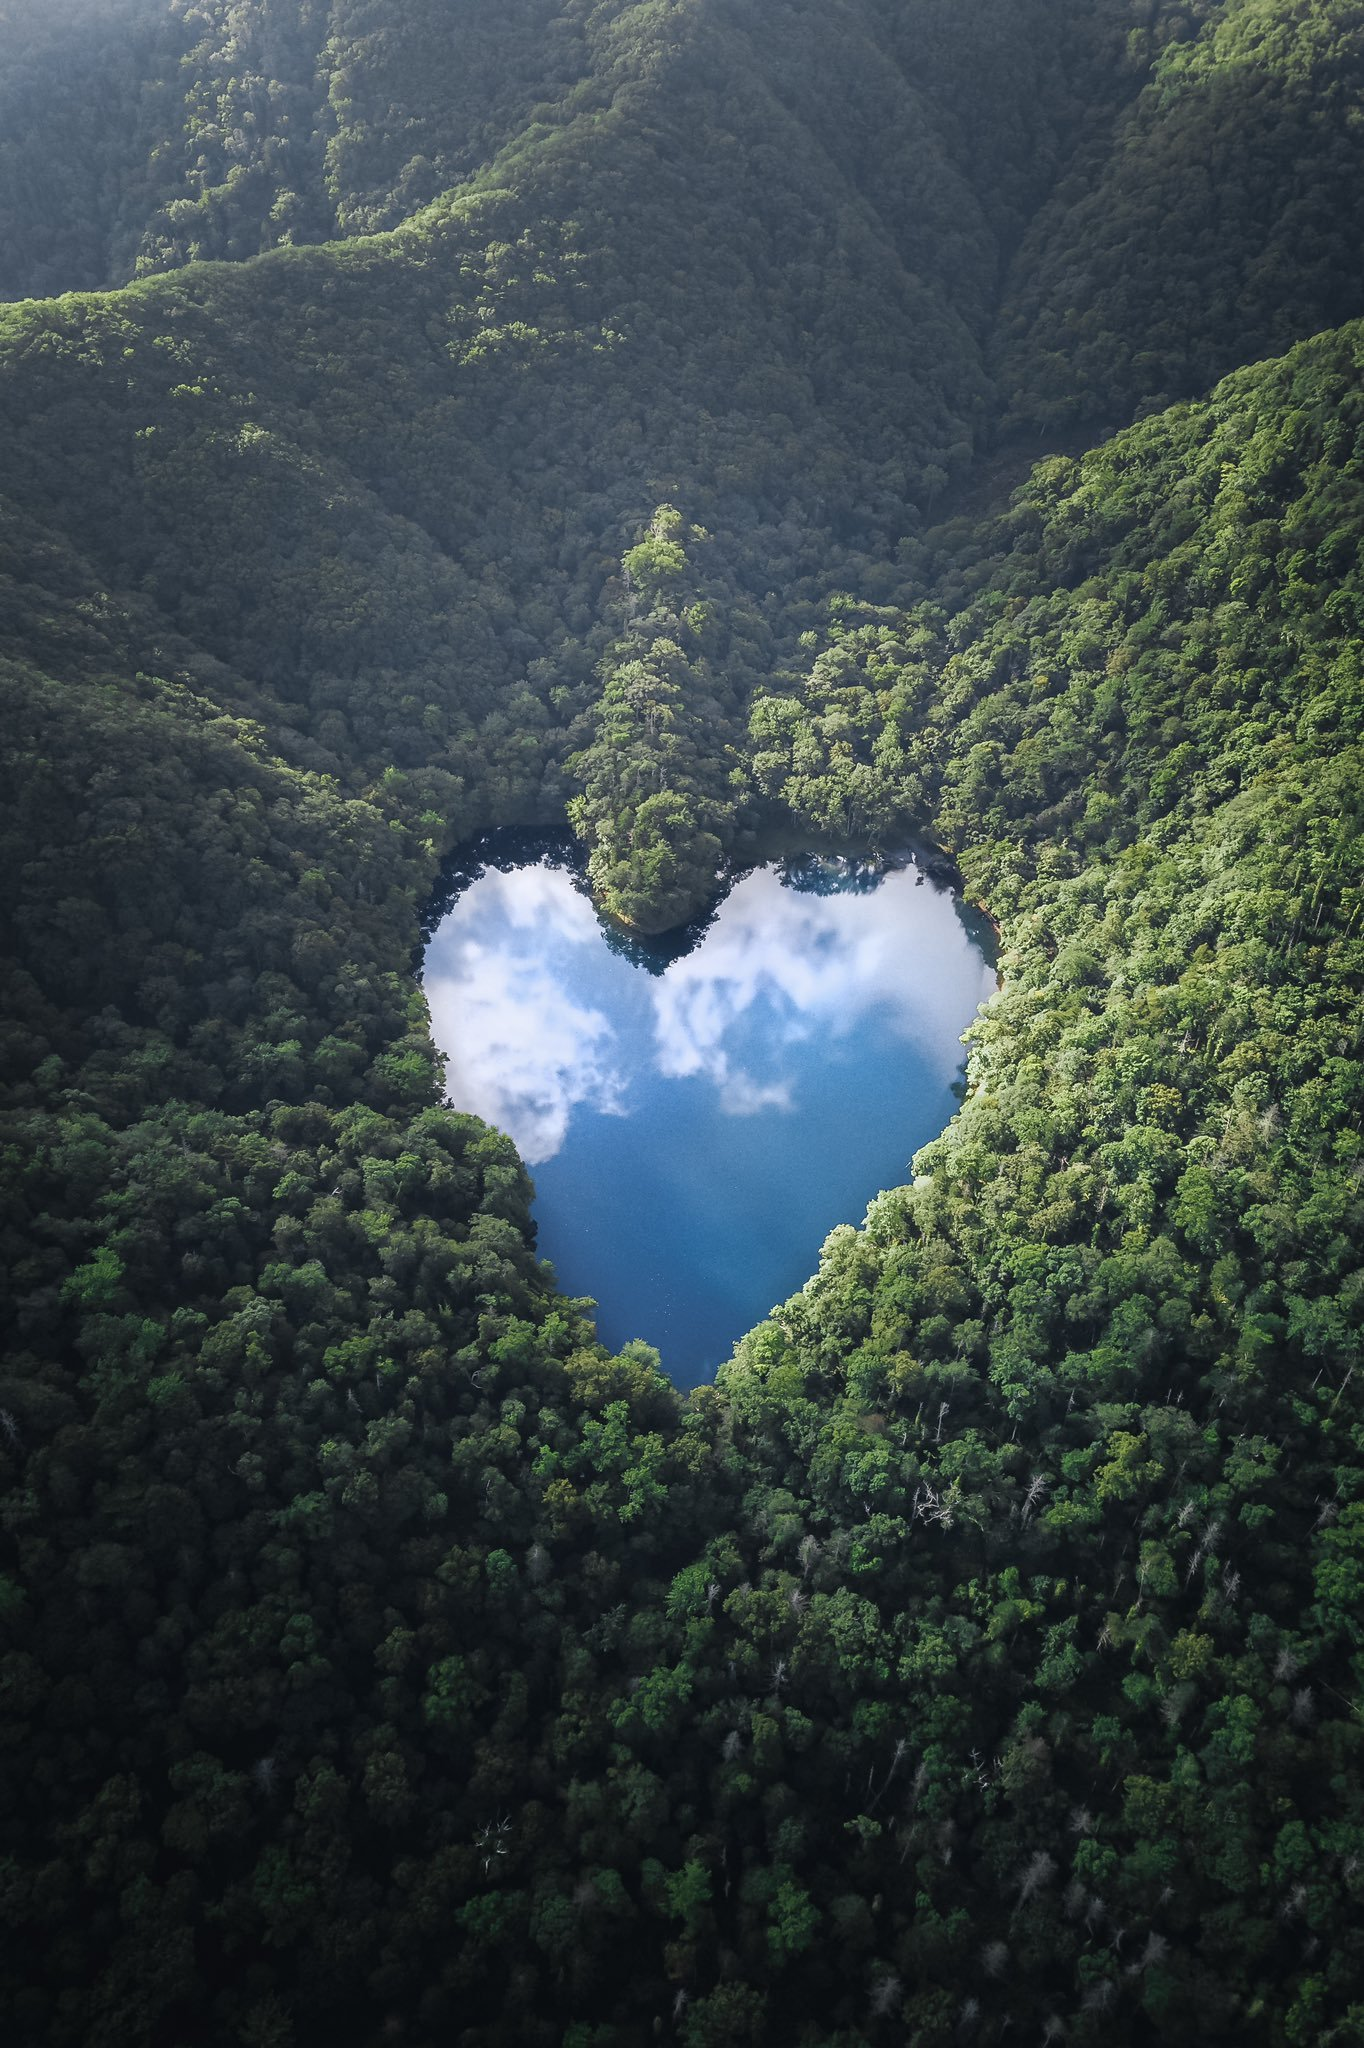 日本摄影师Hiroki.N拍摄,北海道心形「丰似湖」插图1